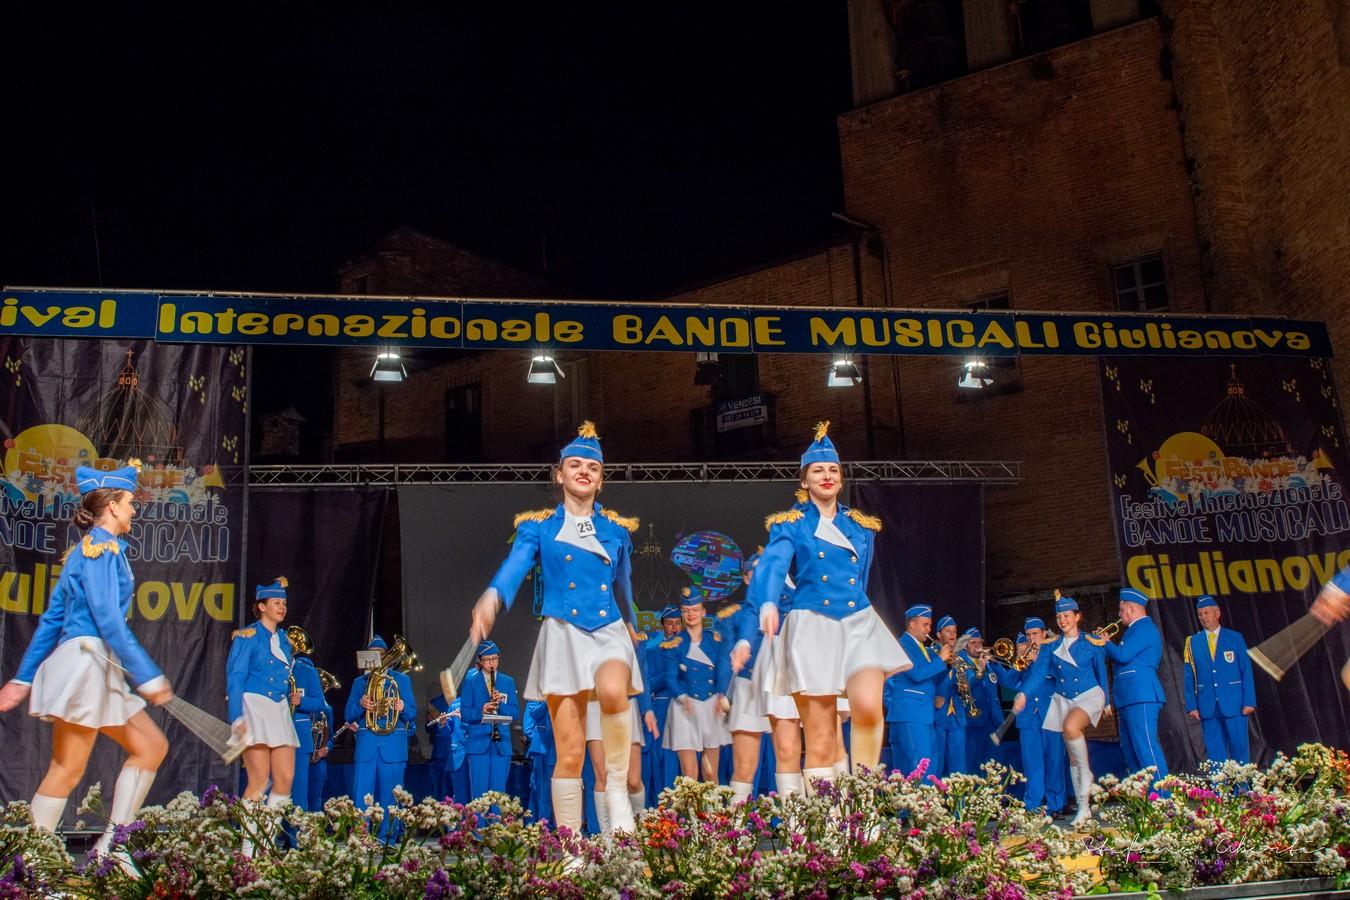 festival-bande-giulianova50